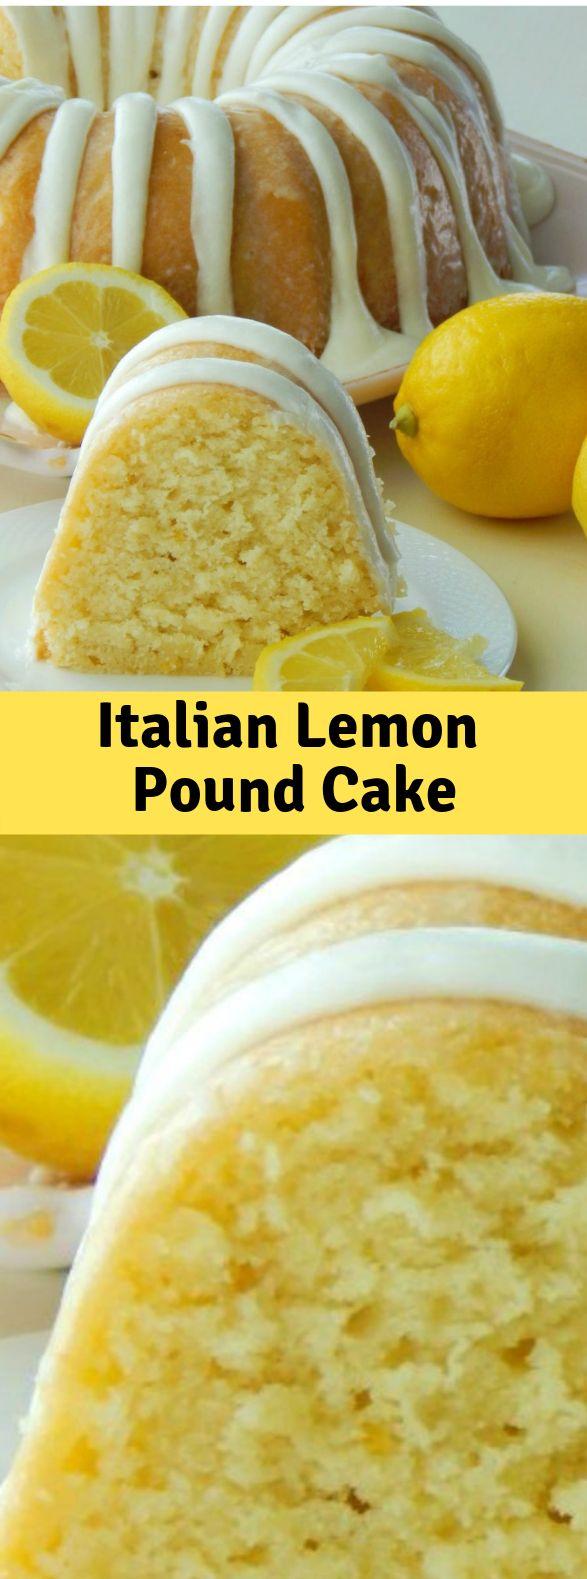 Italienischer Zitronen-Pfund-Kuchen #Lemon #Dessert   – Food&Drinks